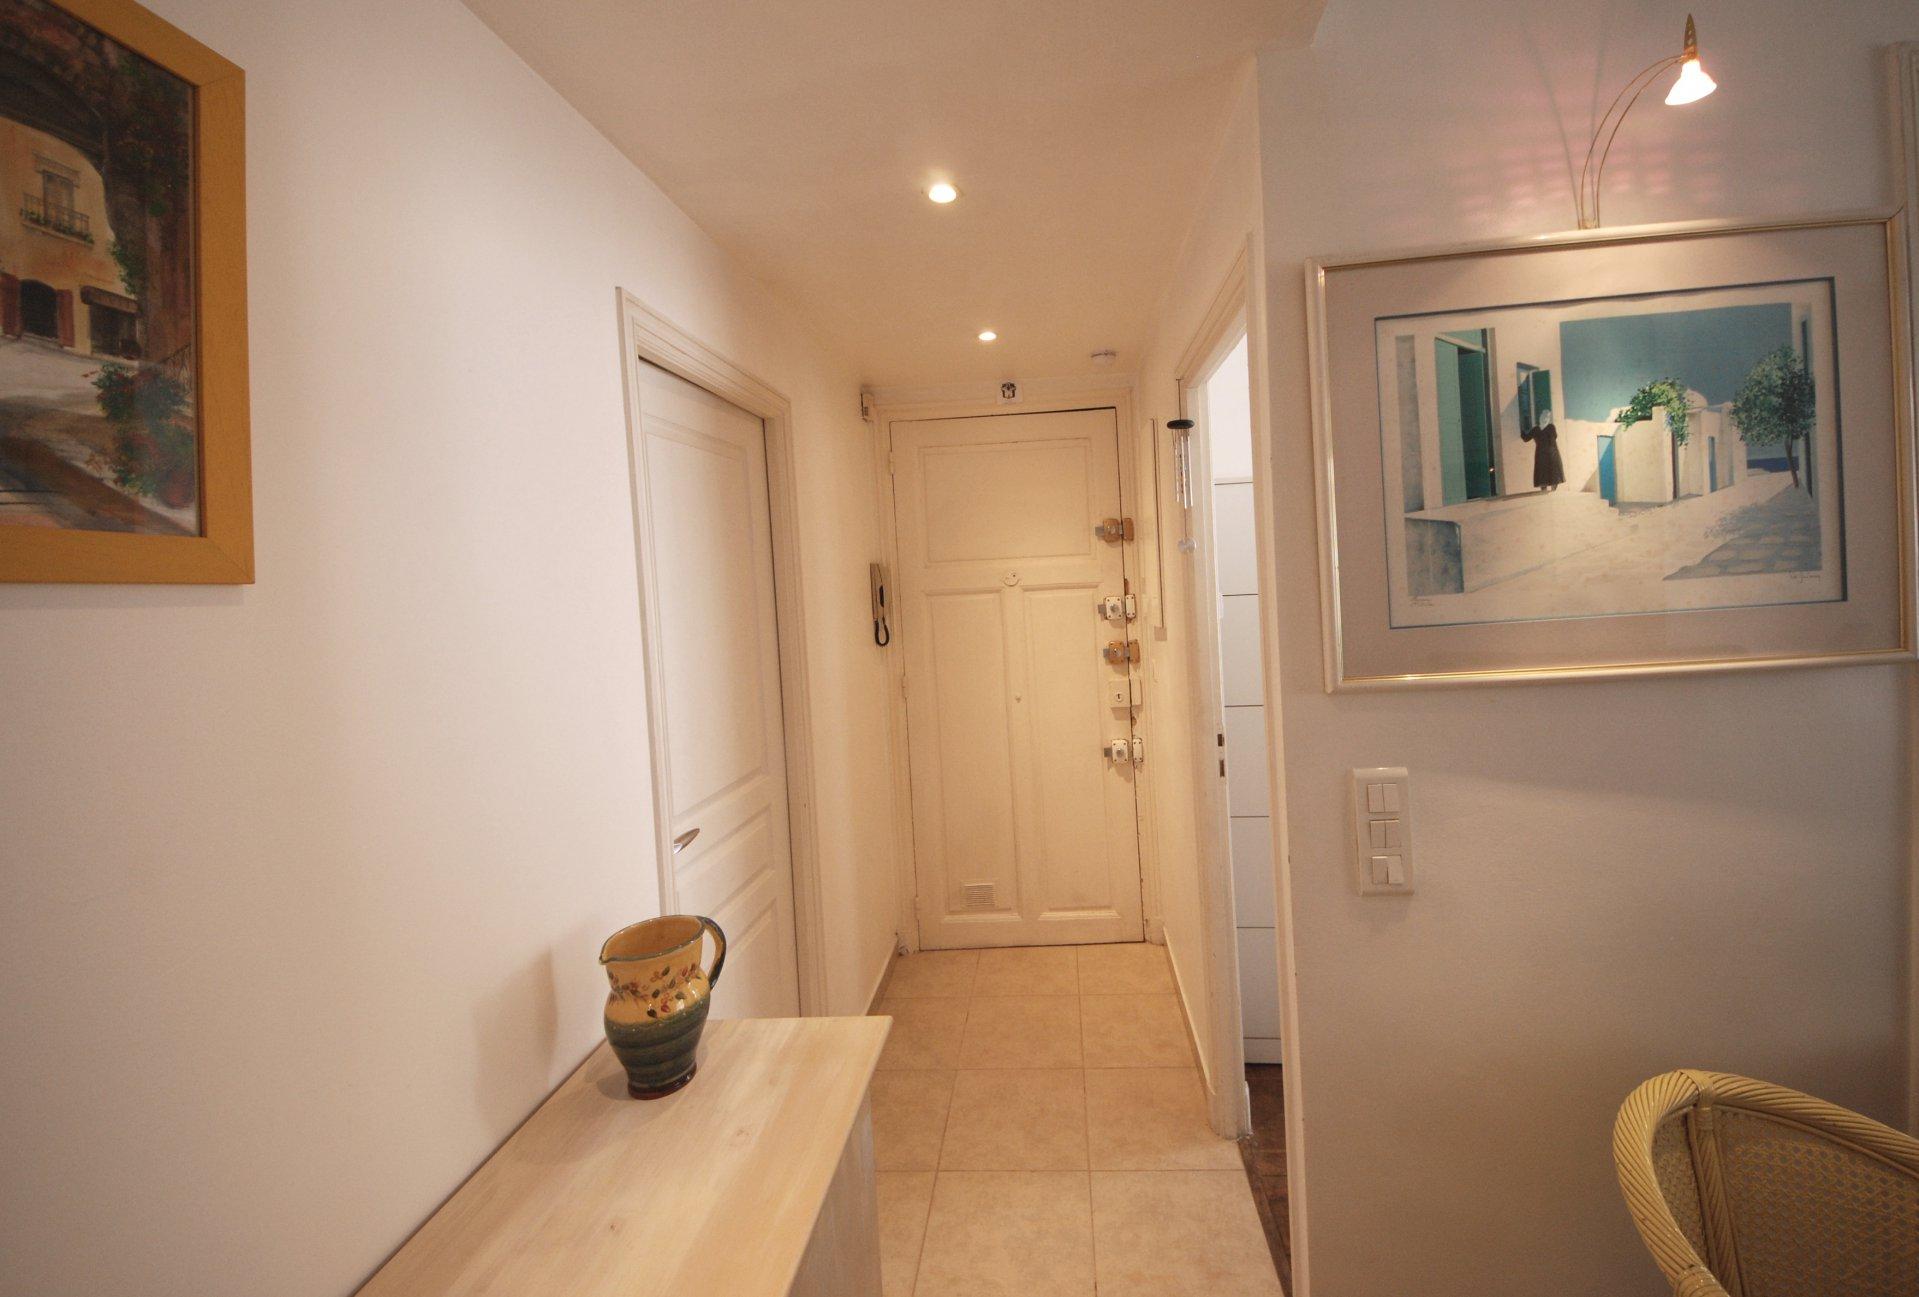 location congrès  appartement 2p au centre de Cannes